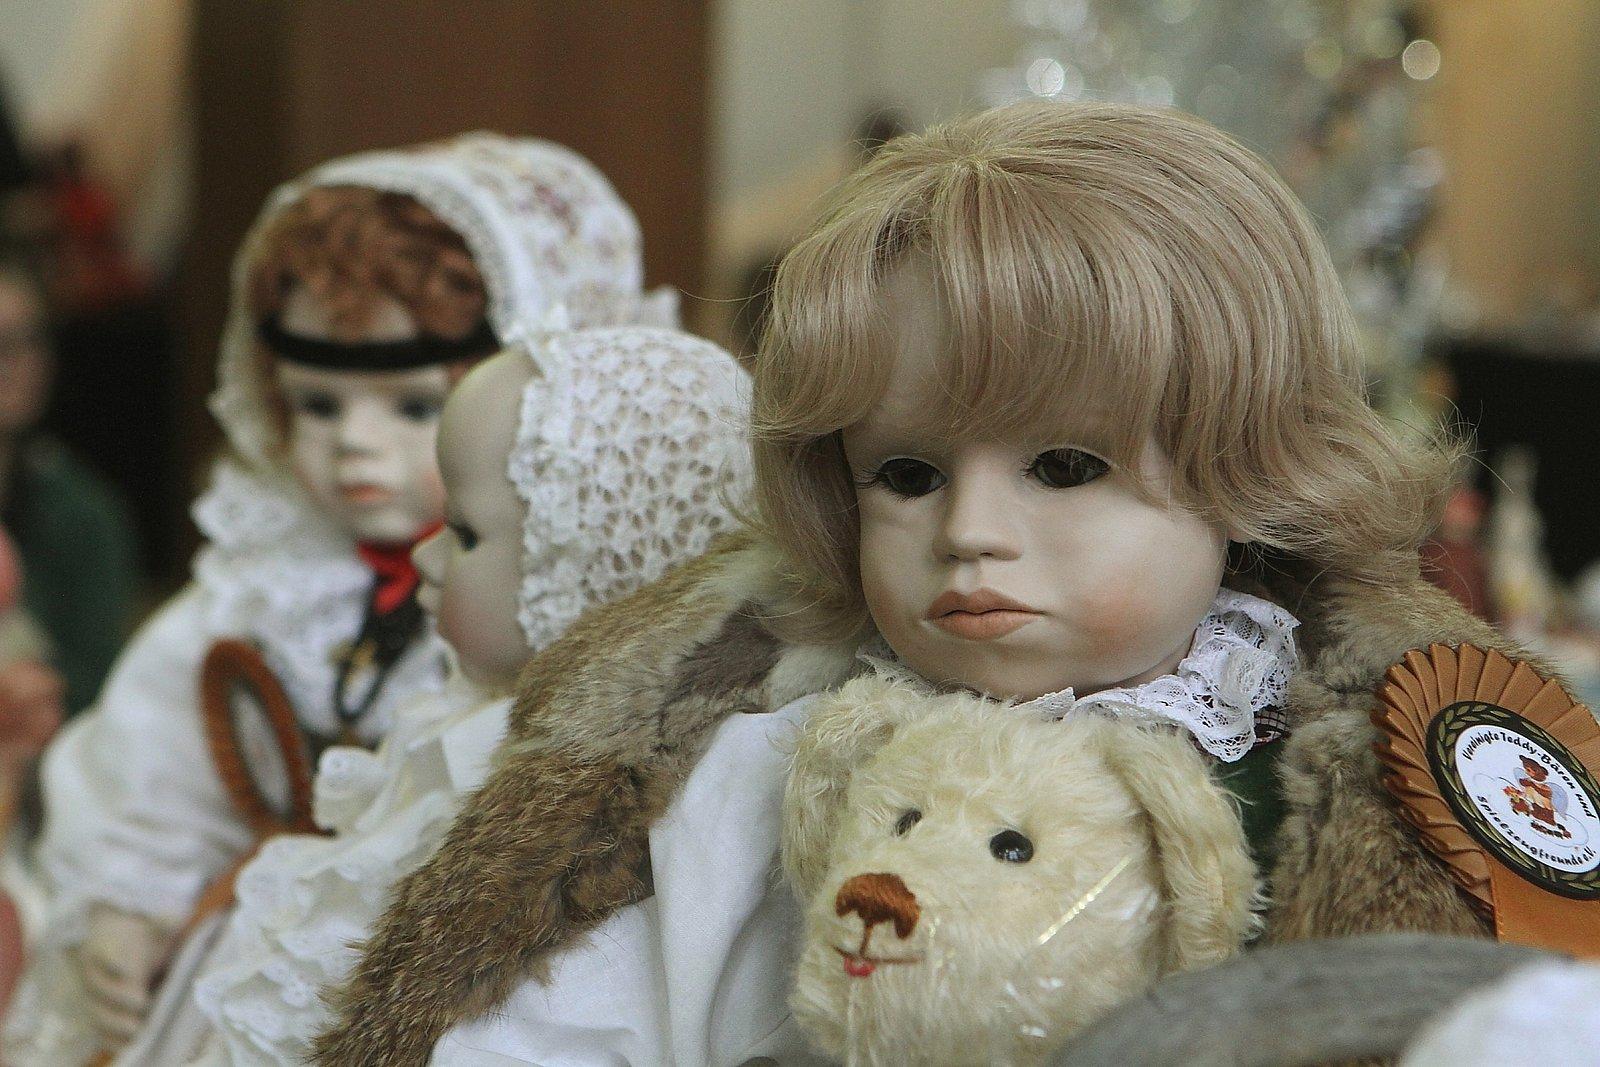 Výroba panenek není snadná. Často připomíná mužskou práci.